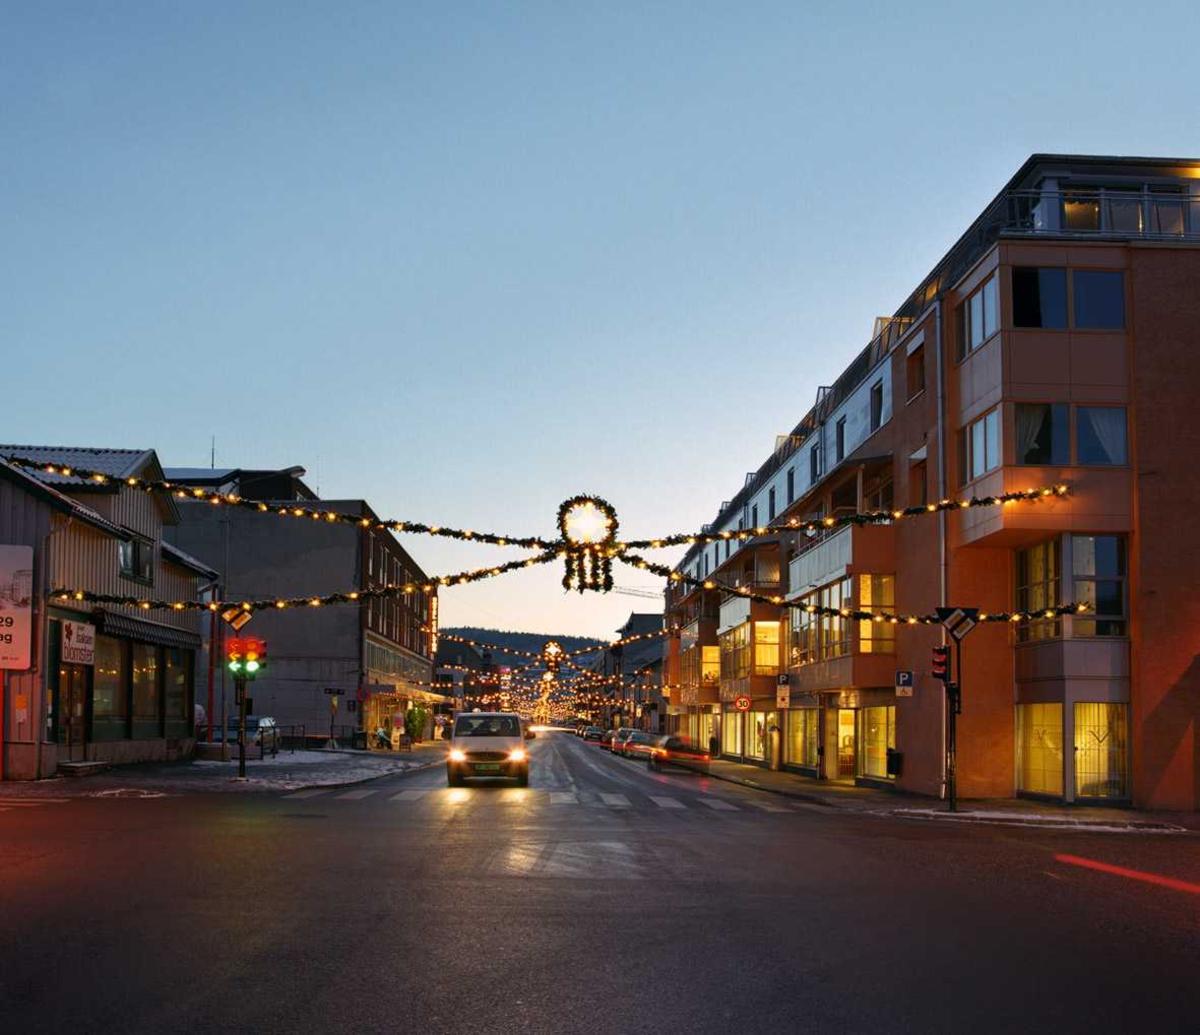 Julebelysning.  Julegata i Lillestrøm. Granbar med hvit julebelysning og midtdekorasjon hengende slik at belysningen danner allèeffekt med avsluttende gran for enden av Storgata som fondmotiv